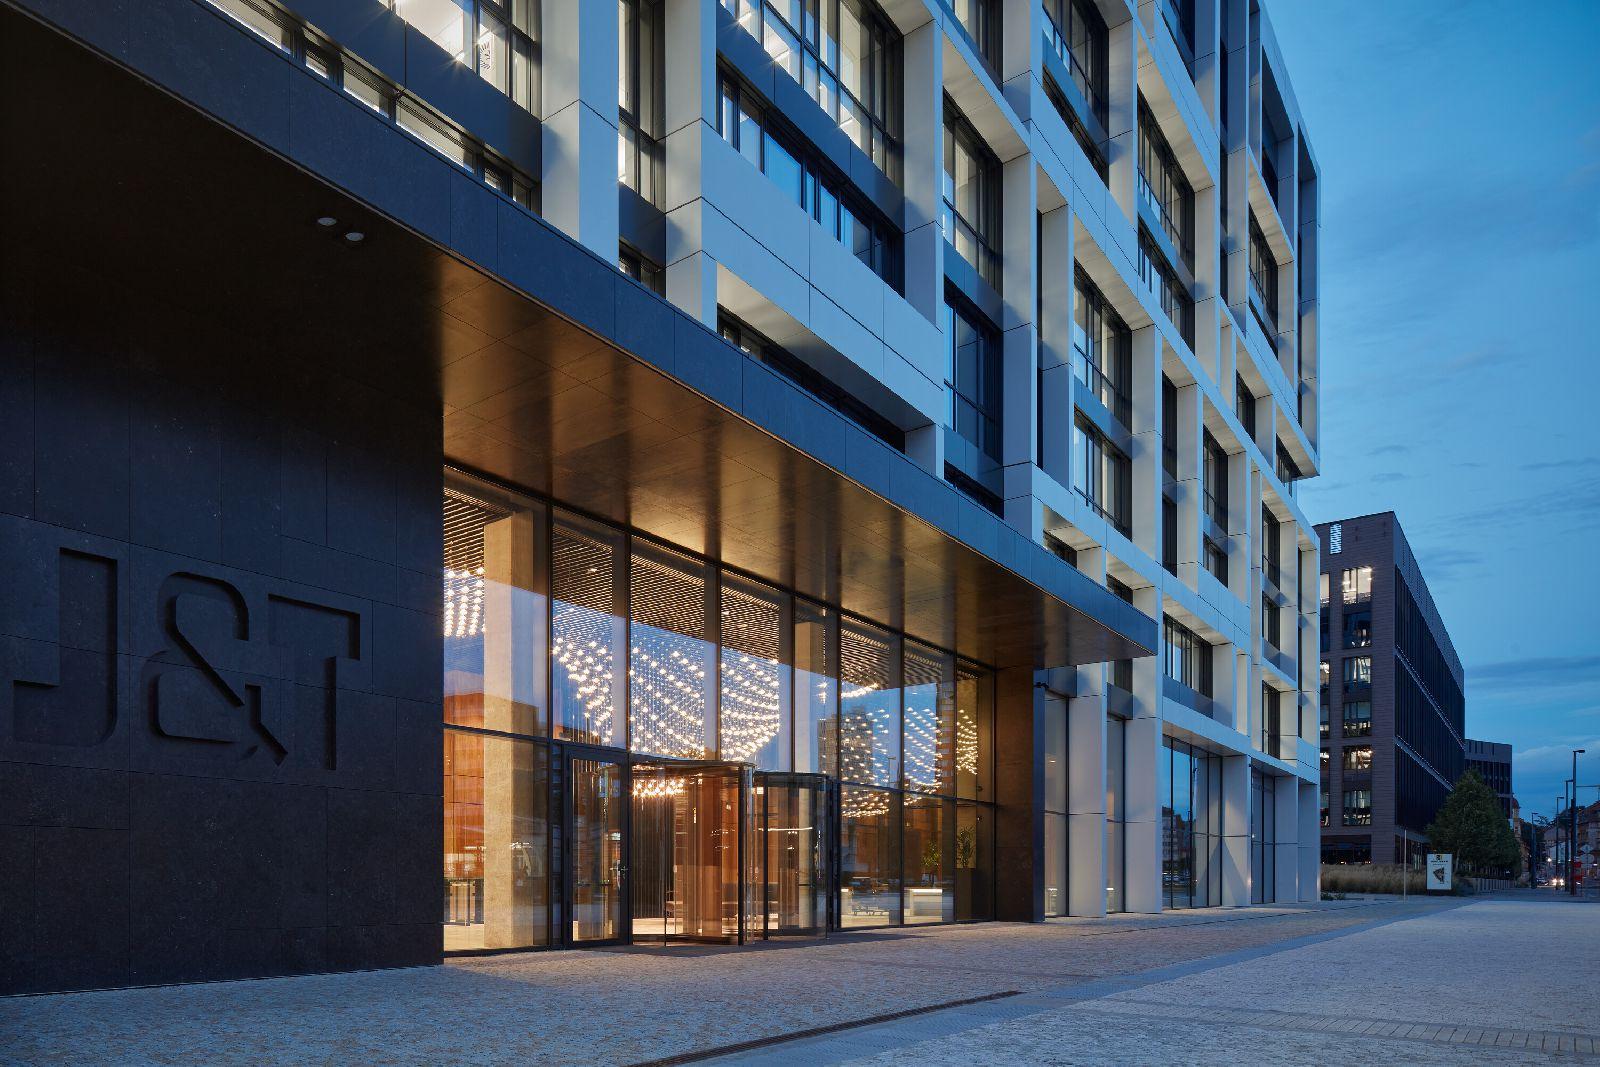 J&T headquarters